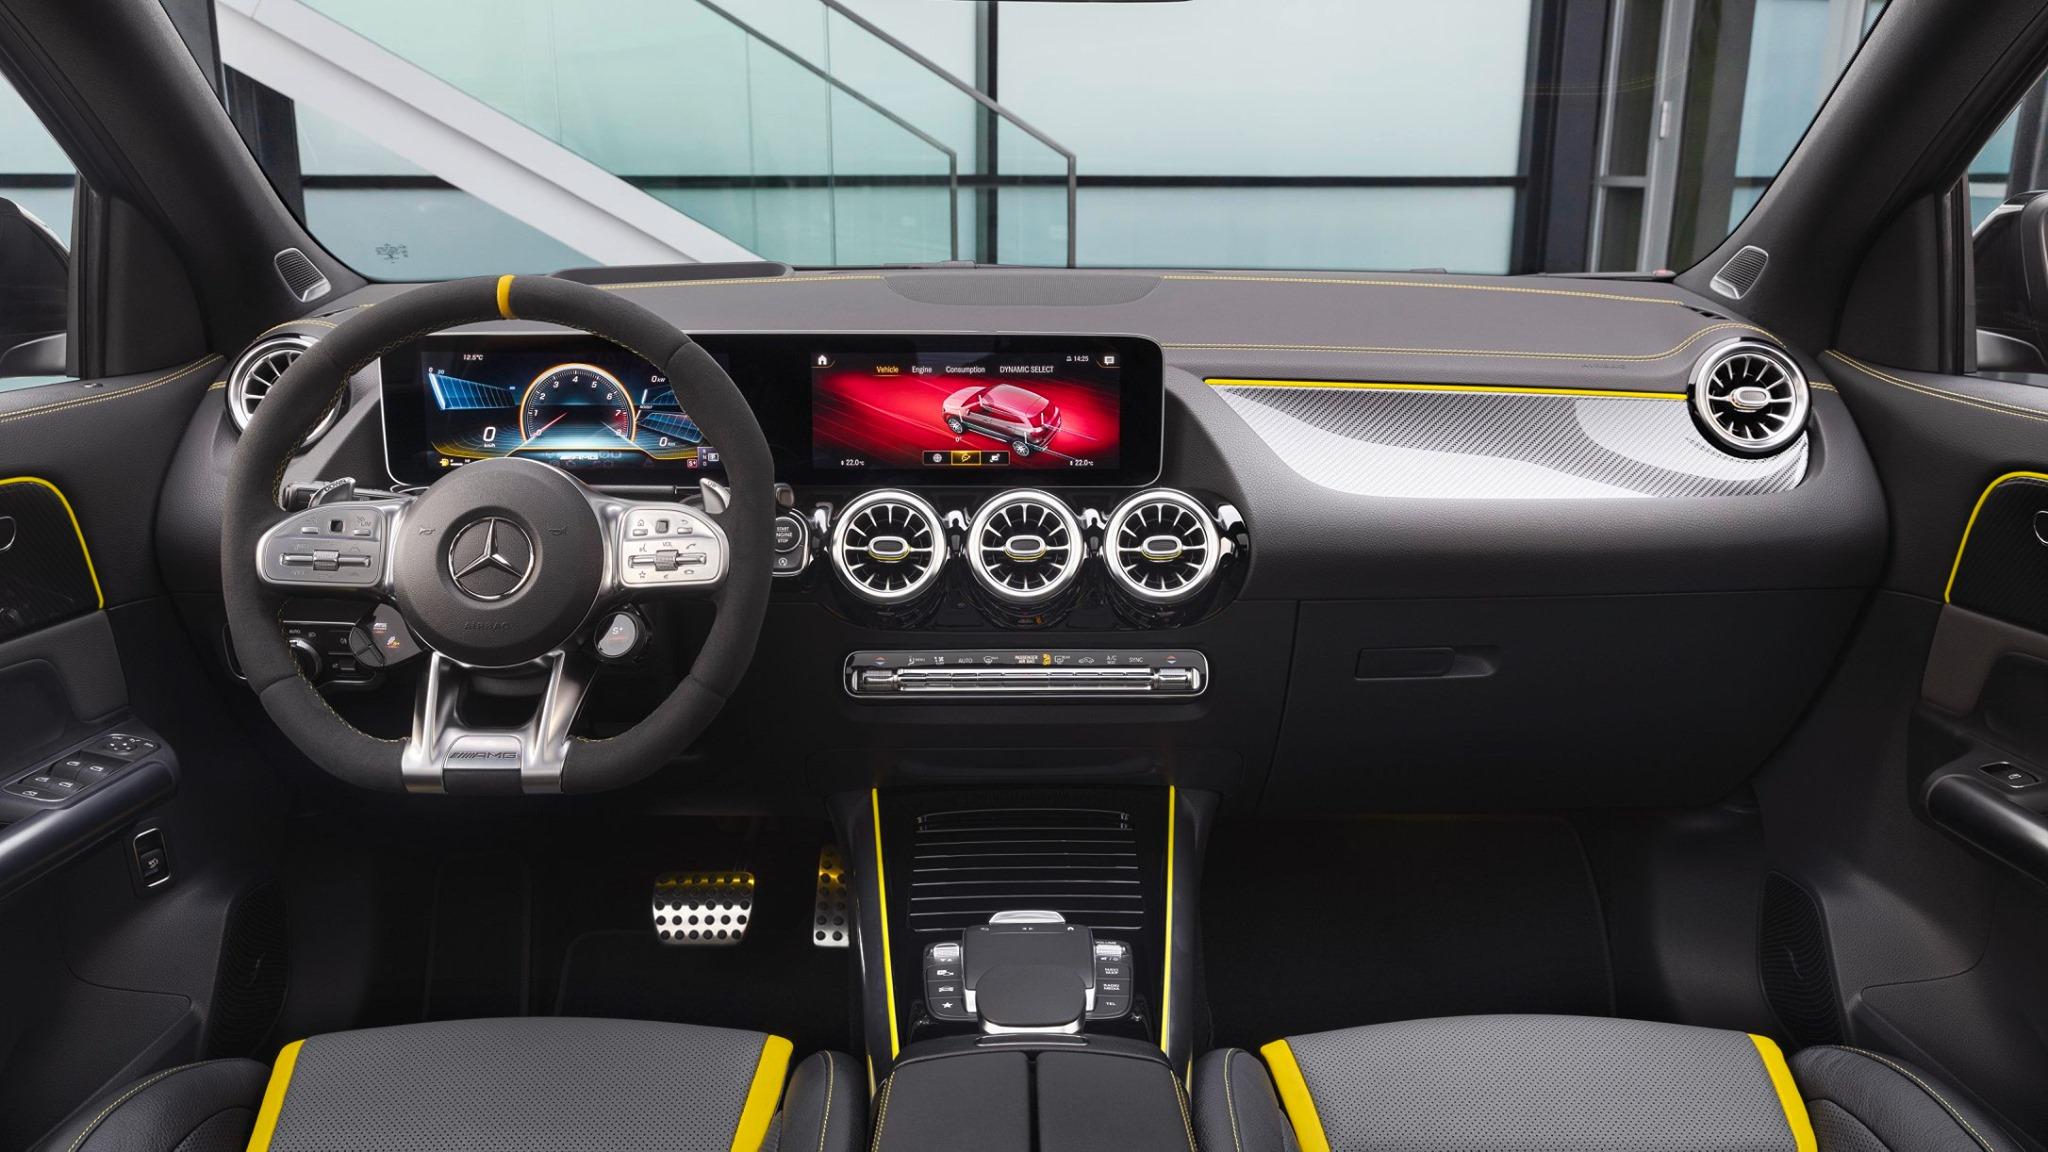 Mercedes-AMG GLA 45 INTERIORES